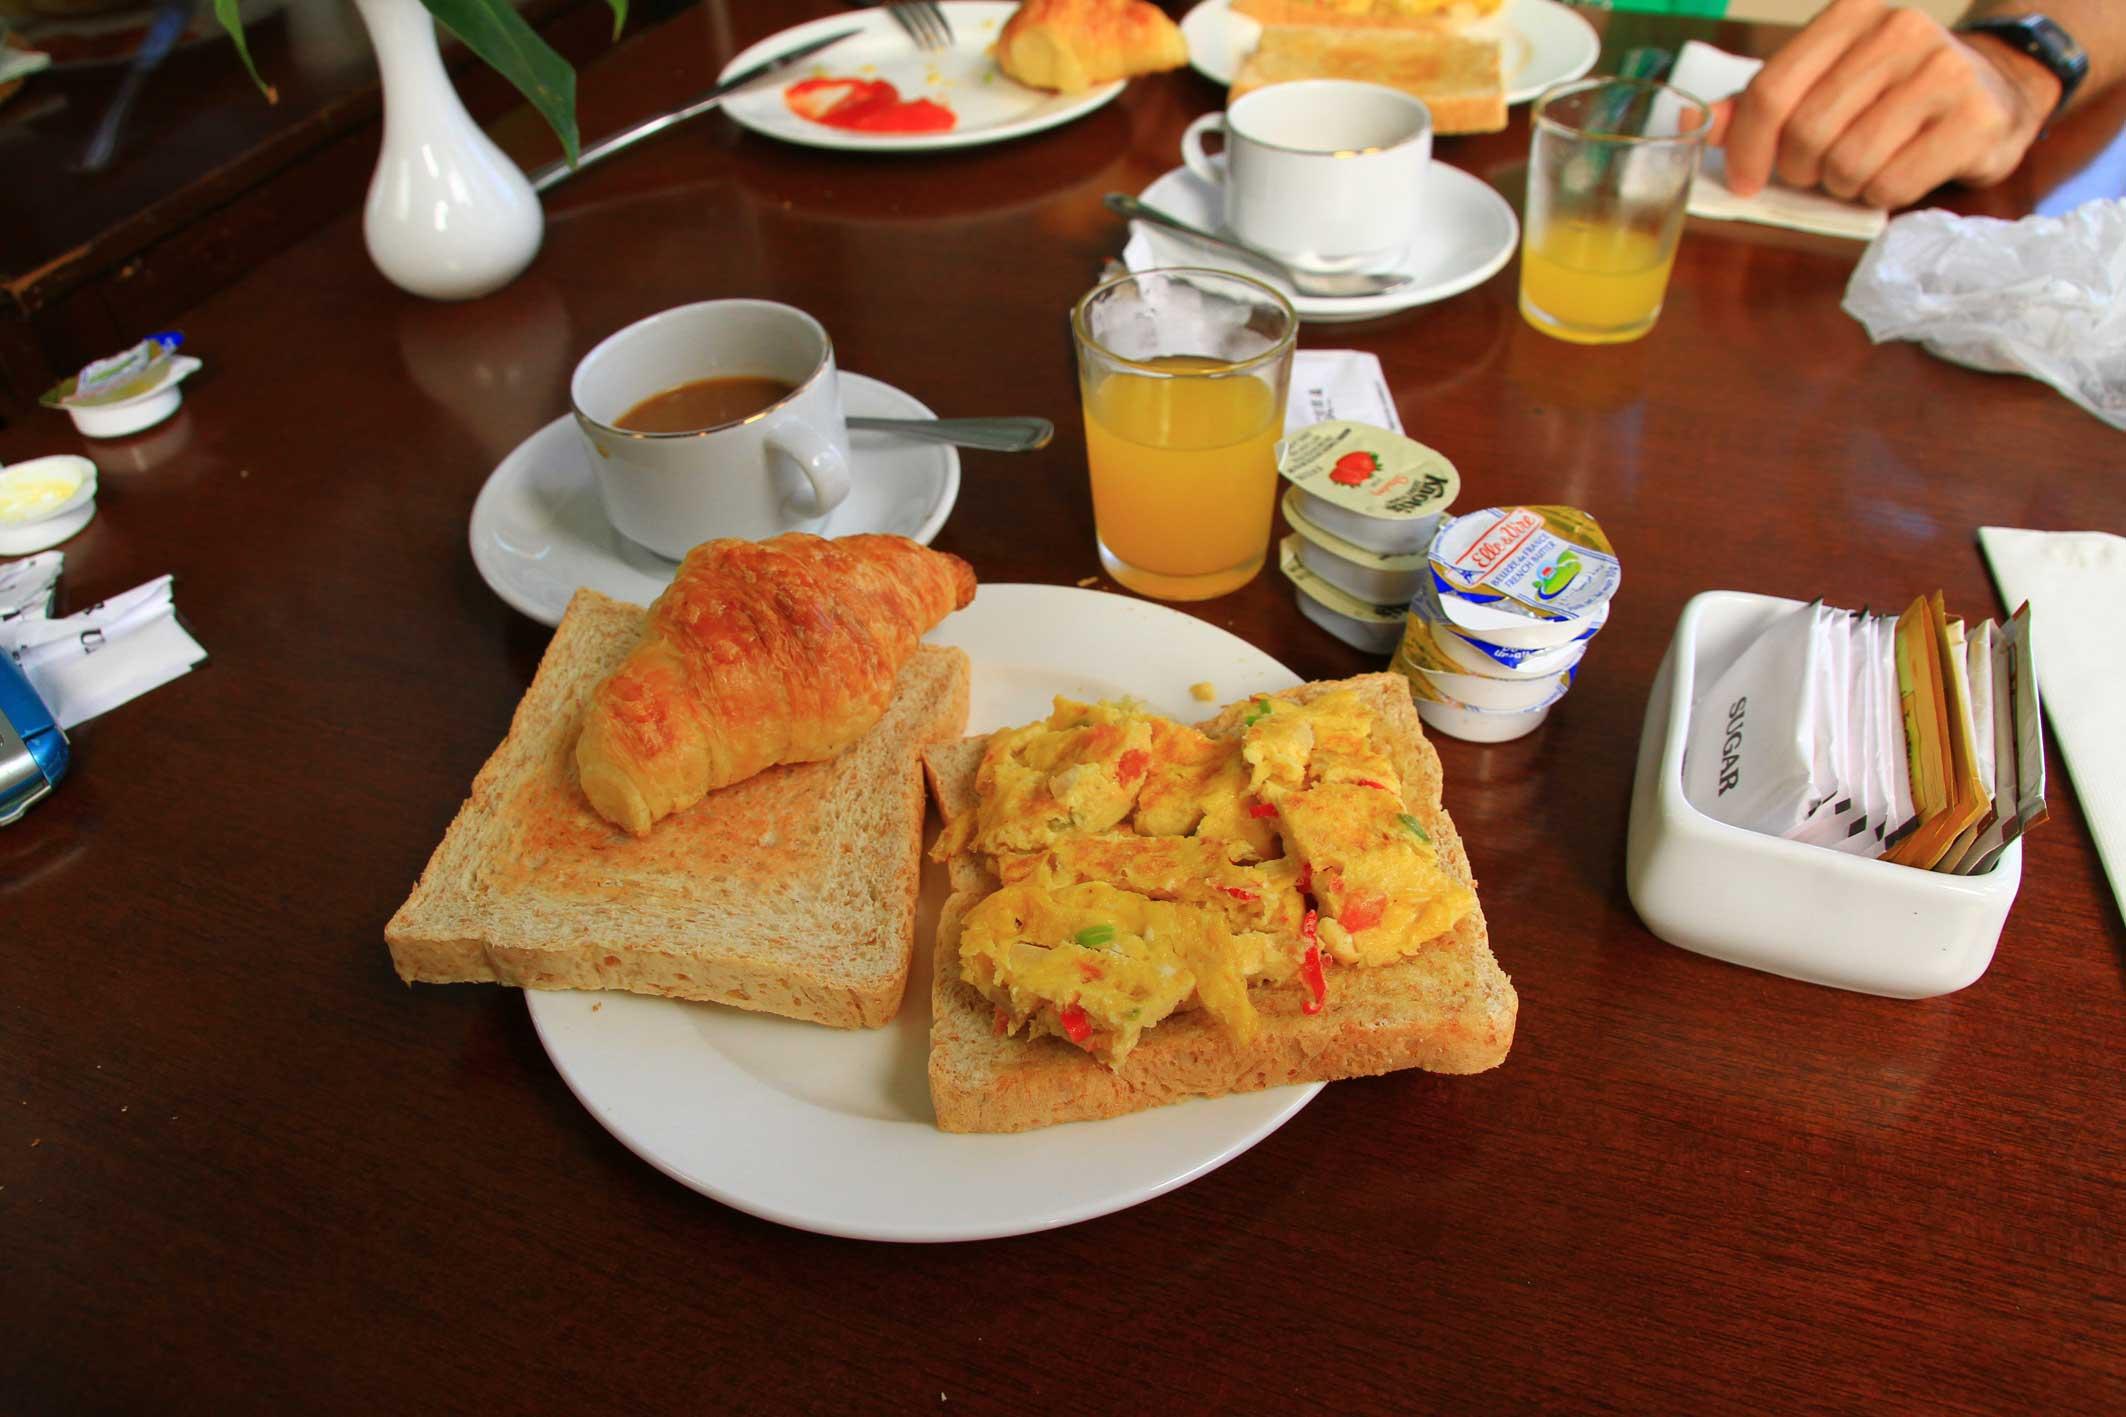 cafe y algo mas de jueves-http://adondeiremosaparar.files.wordpress.com/2012/05/desayuno-pade-hotel-banda-aceh-tostadas-huevos-y-pastas.jpg